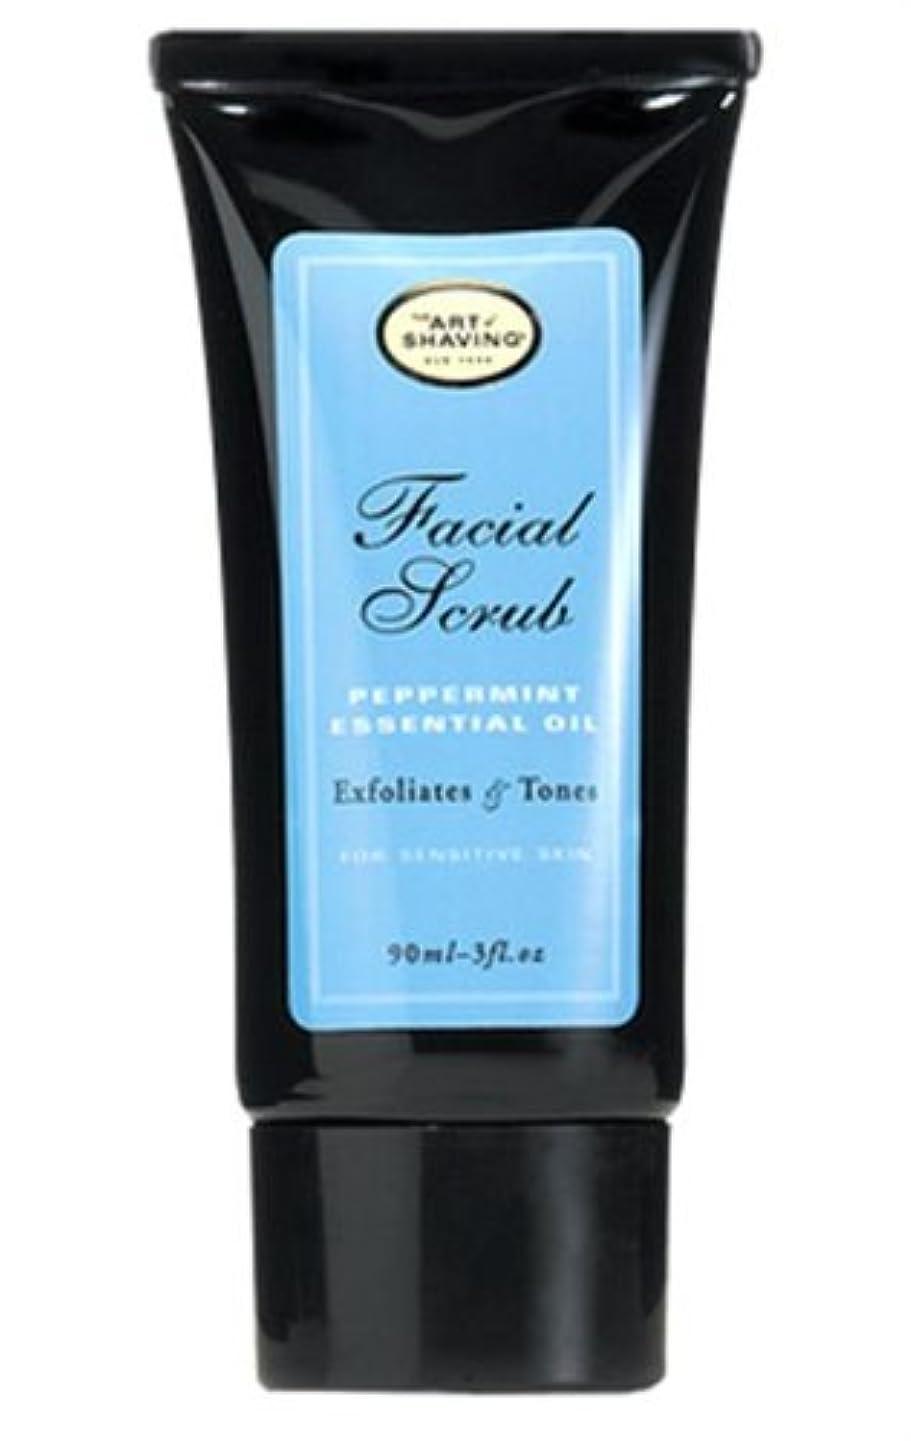 穏やかな市区町村敵対的The Art Of Shaving Facial Scrub With Peppermint Essential Oil (並行輸入品) [並行輸入品]